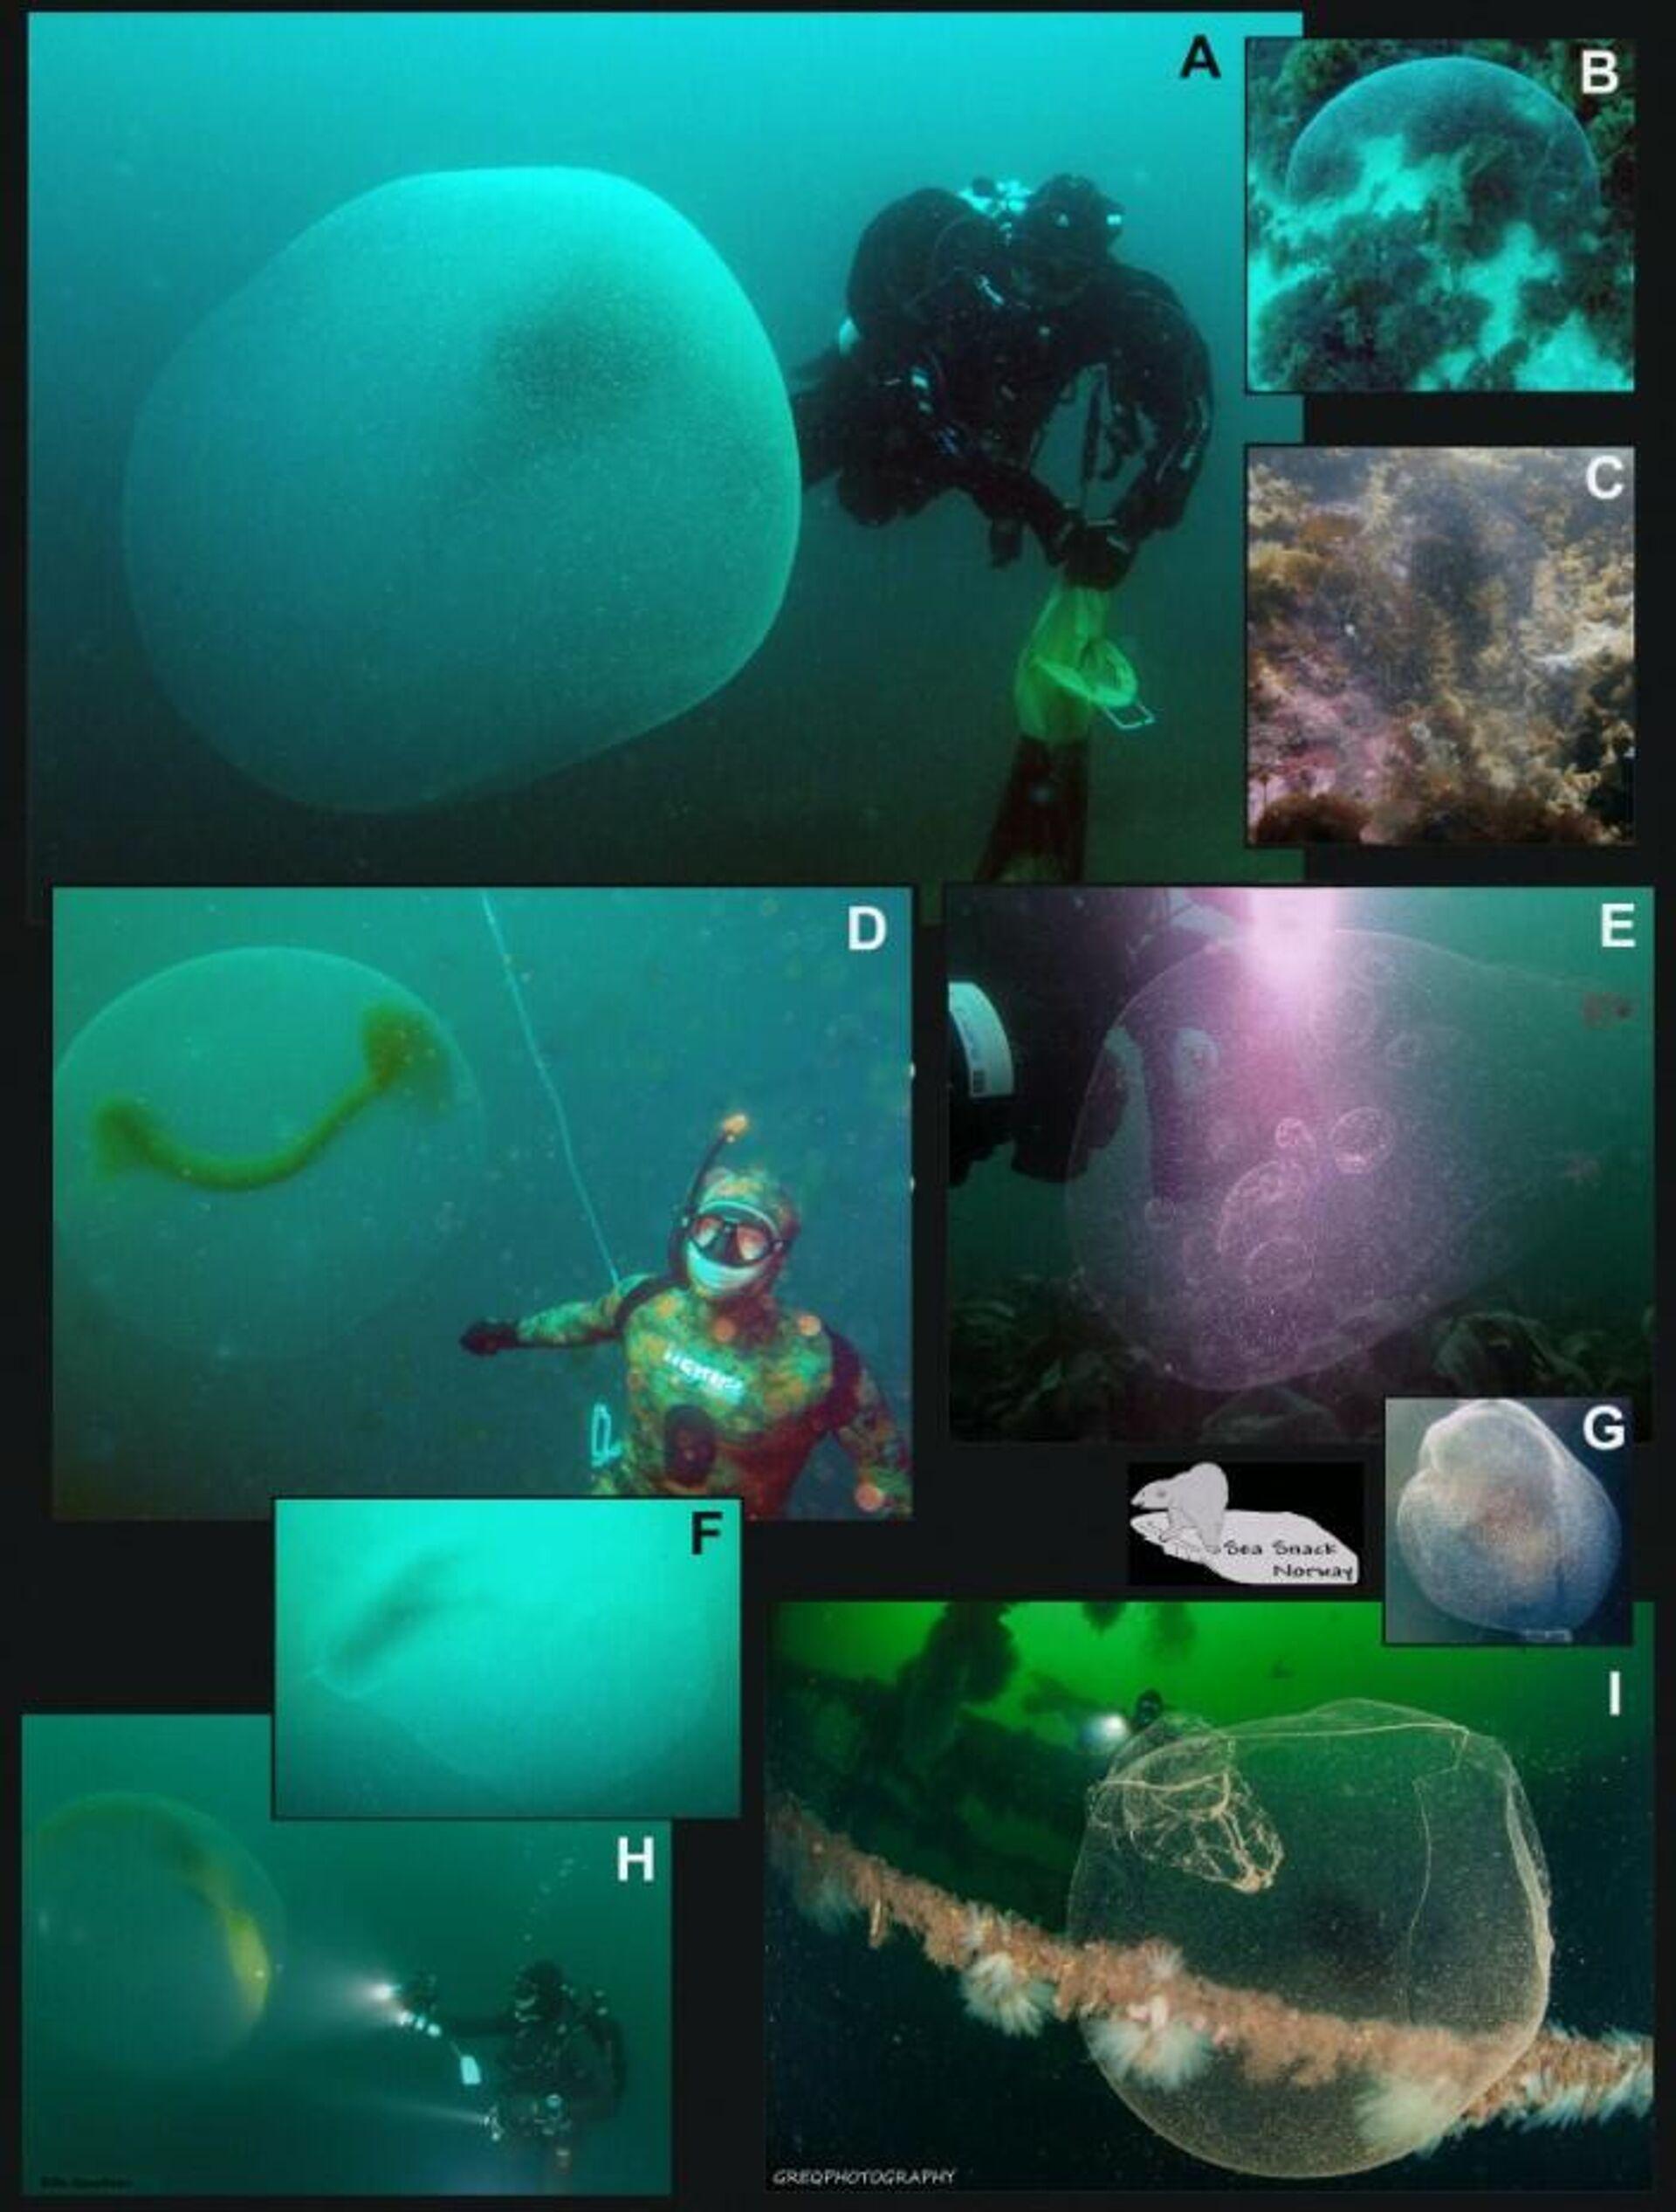 Sacos de huevos del calamar Illex Coindetii - Sputnik Mundo, 1920, 04.04.2021